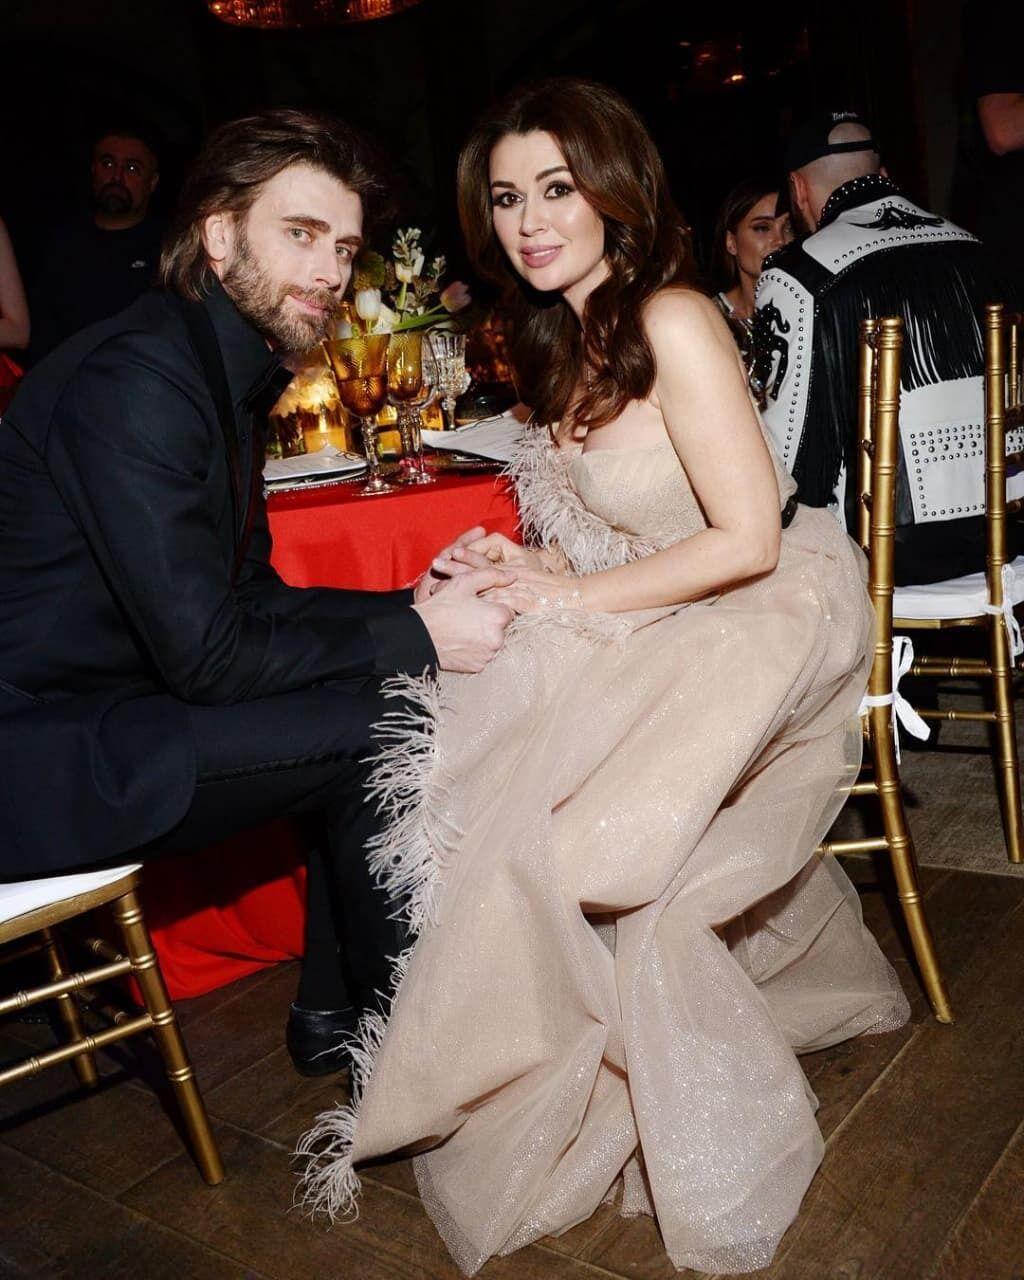 Анастасія Заворотнюк із чоловіком Петром Чернишовим.